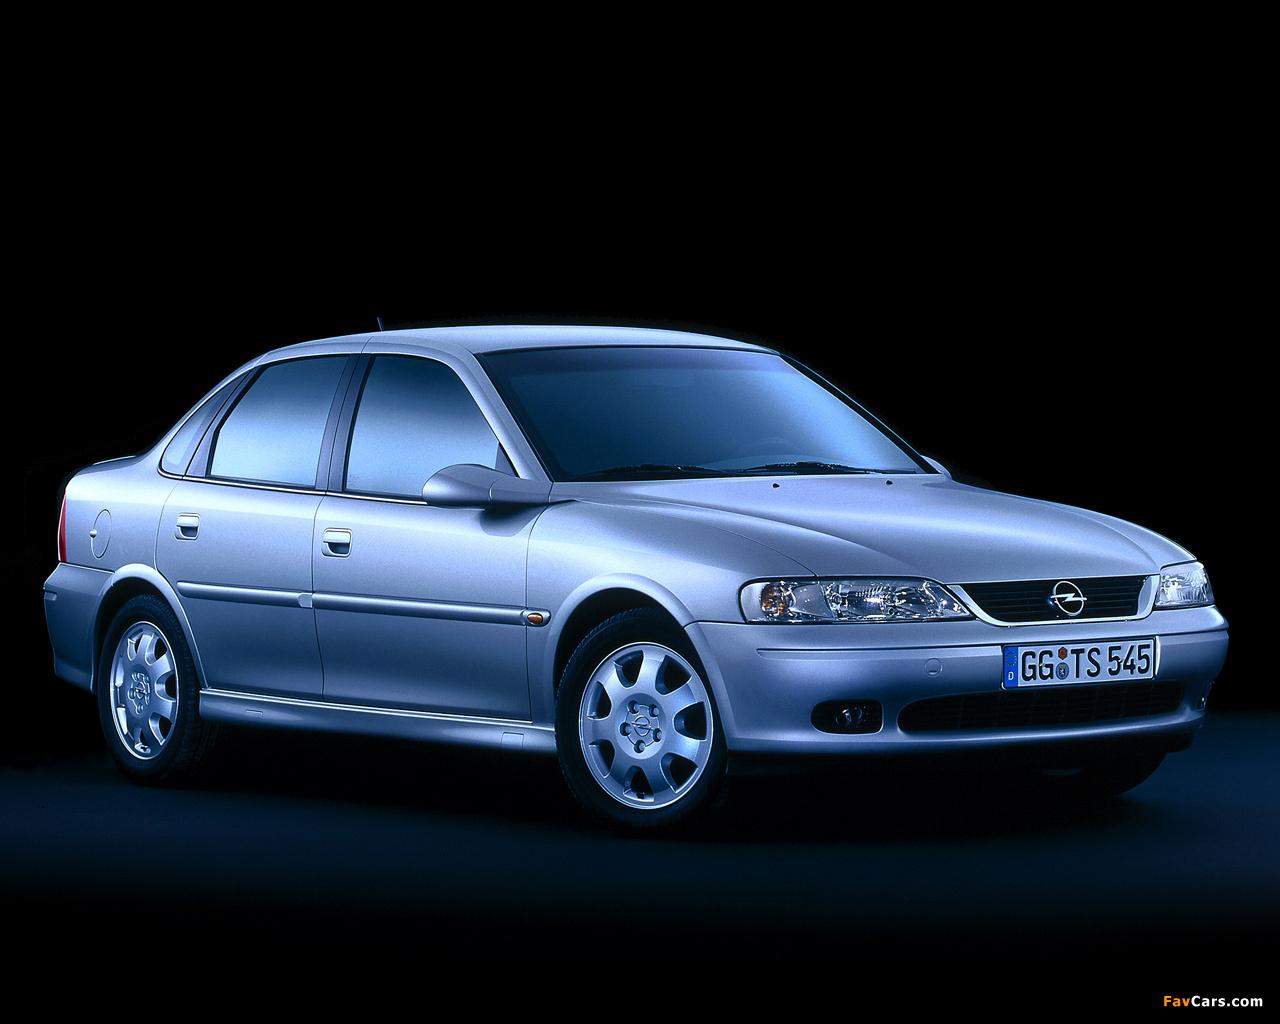 Images of Opel Vectra Sedan B 19992002 1280x1024